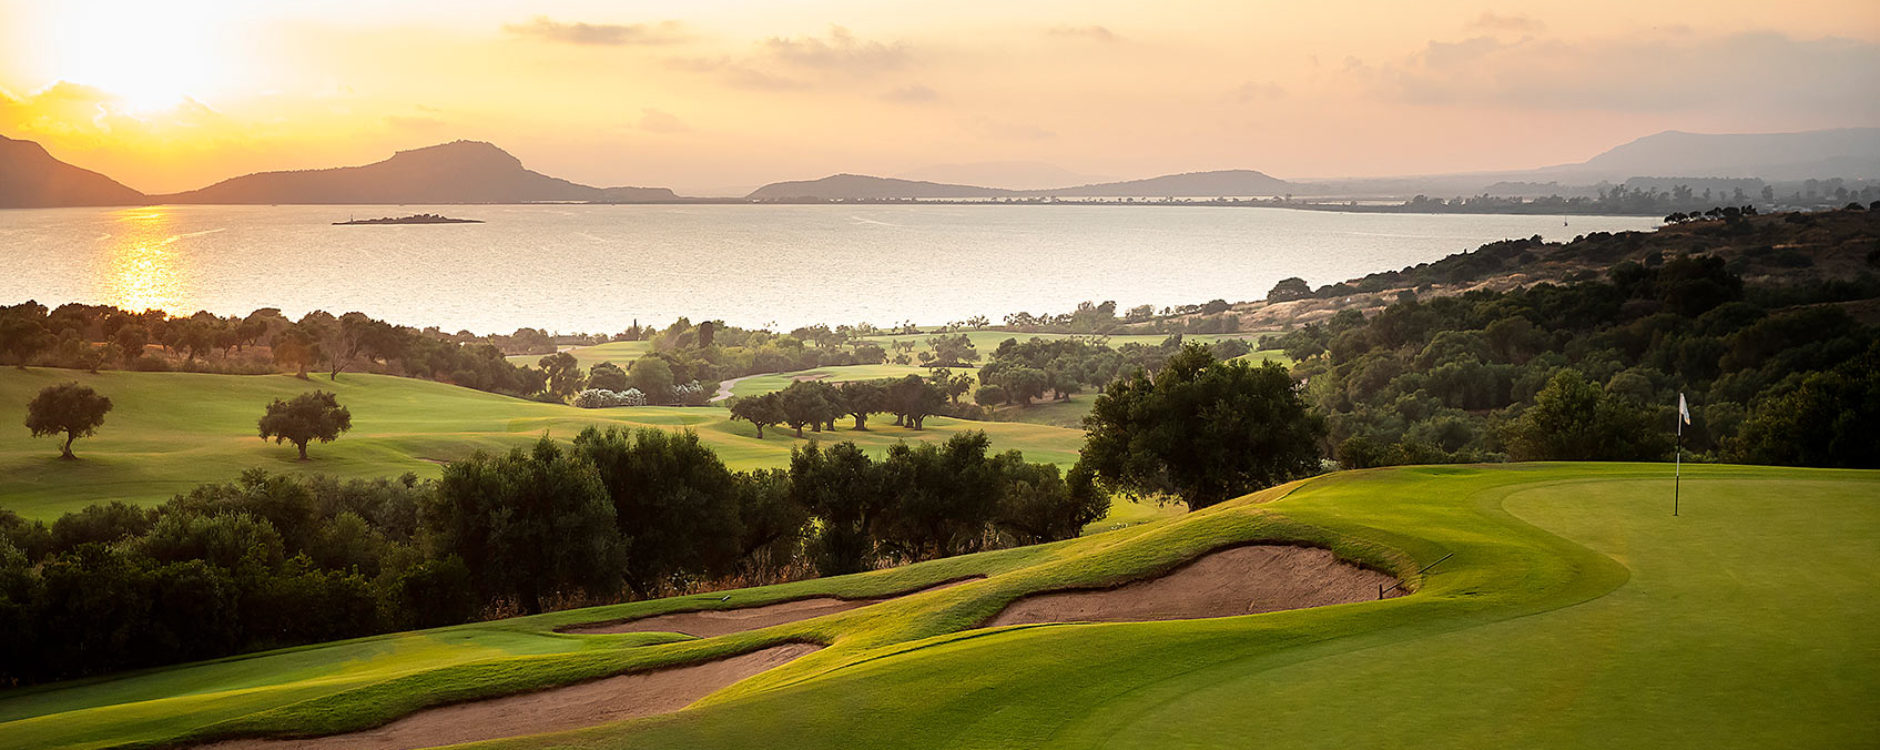 time4golf Golfreisen